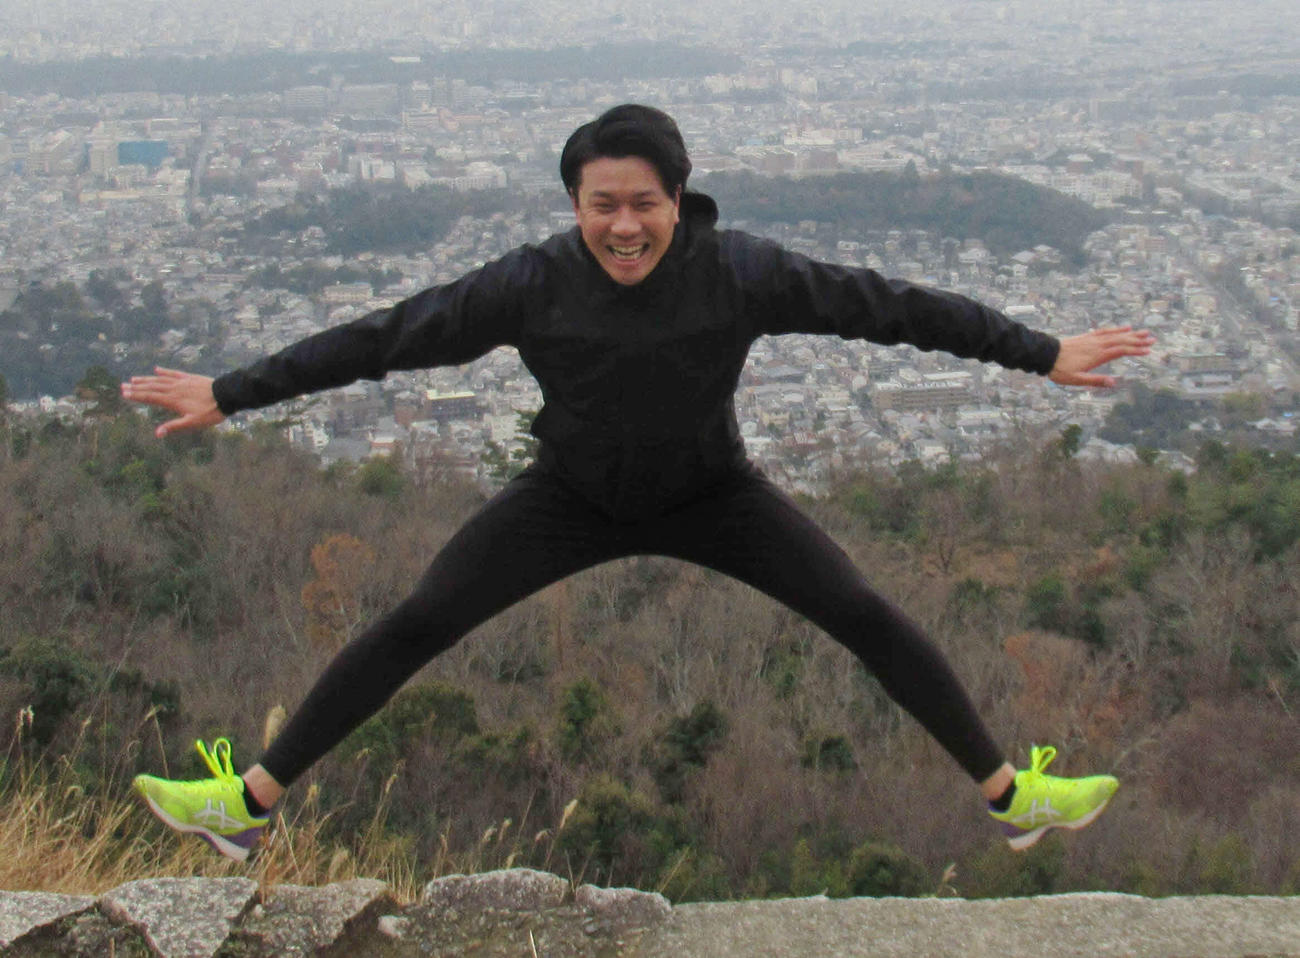 恒例の大文字山登山で自主トレをスタートした中日大野雄大(2021年1月5日撮影)